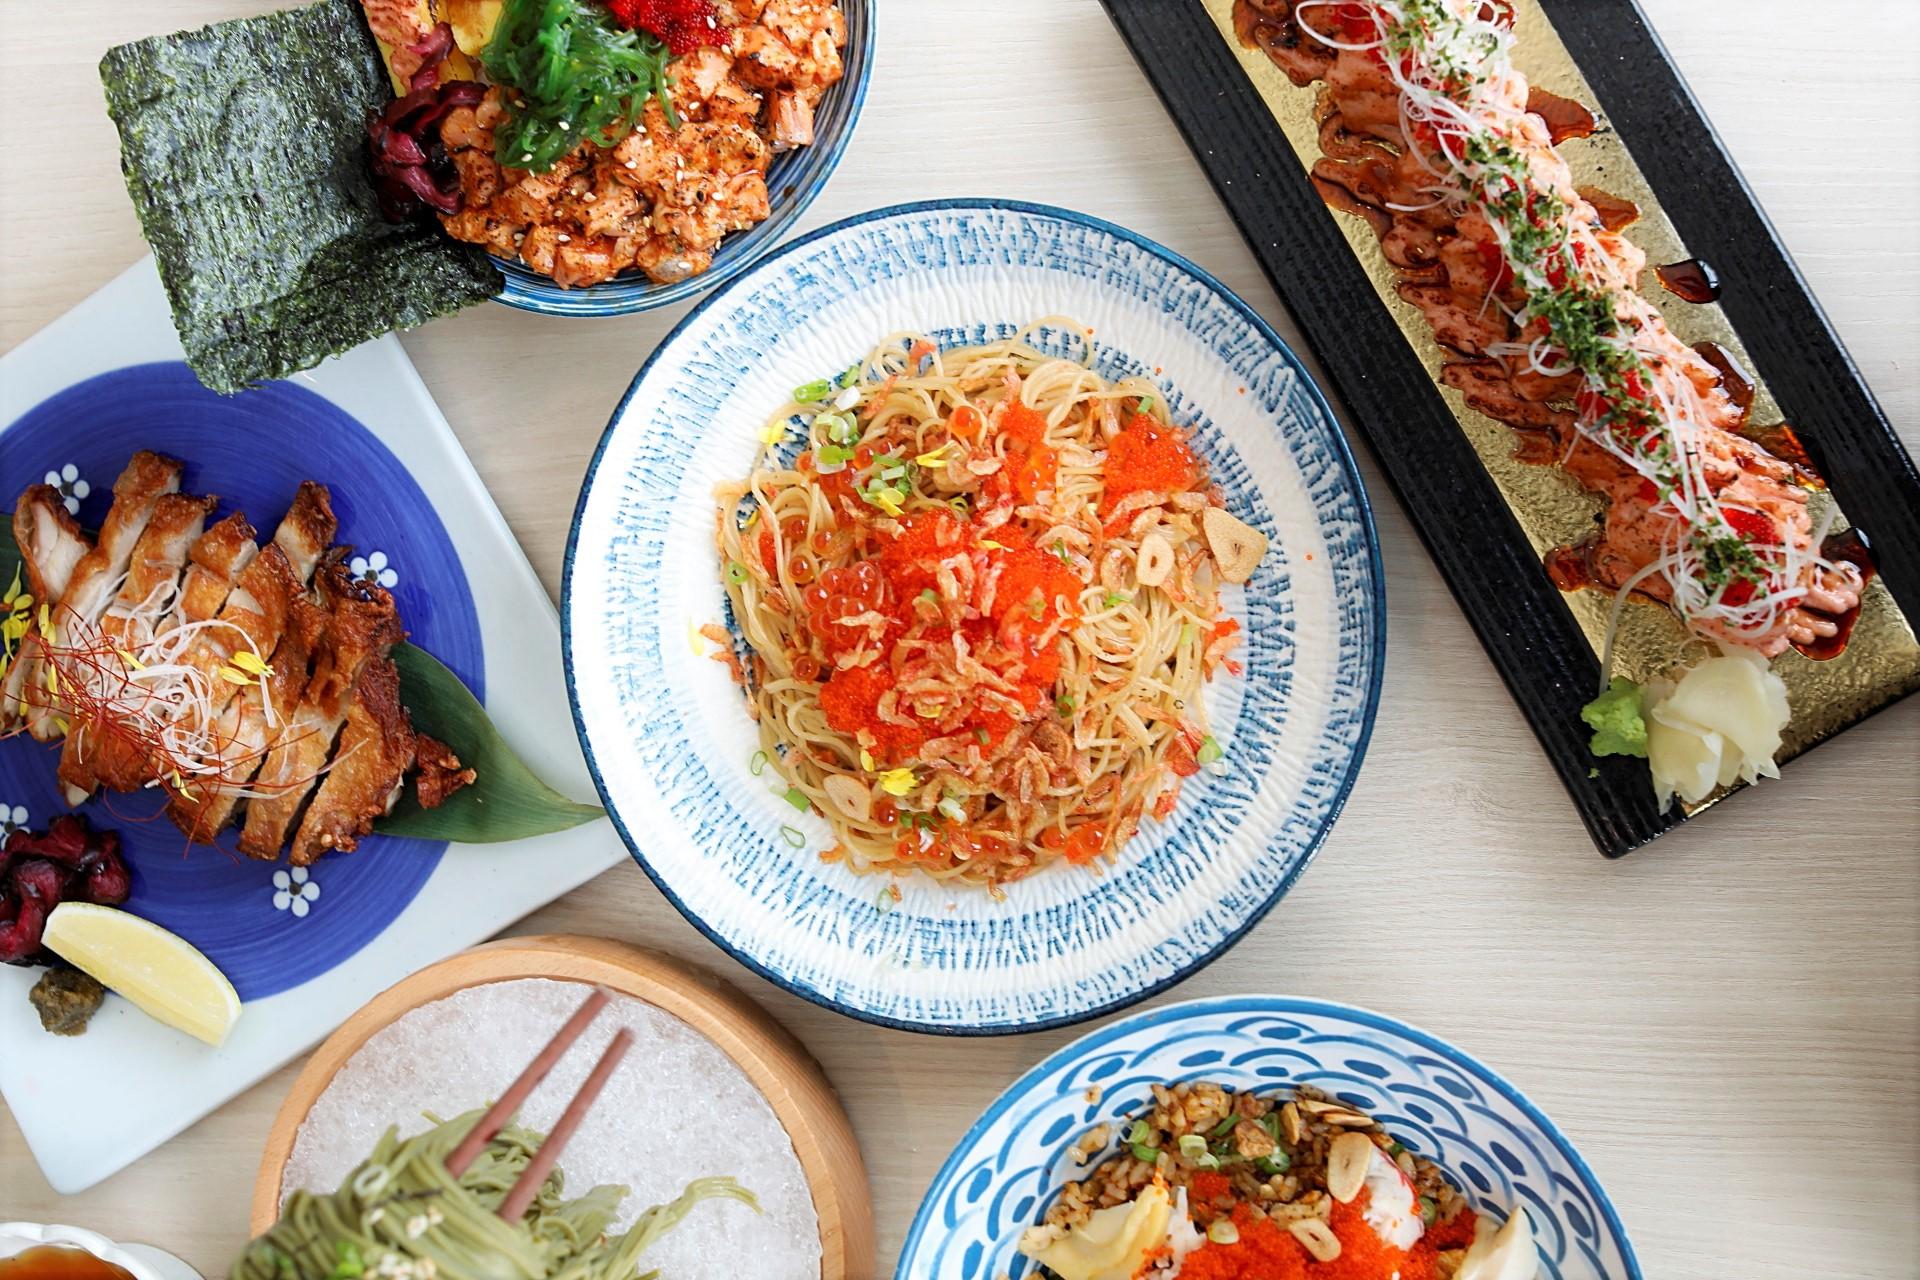 Gaku Sushi Bar – Hidden Japanese Restaurant At Pasir Ris With Inexpensive King Salmon Donburi, Sashimi, Sushi And More